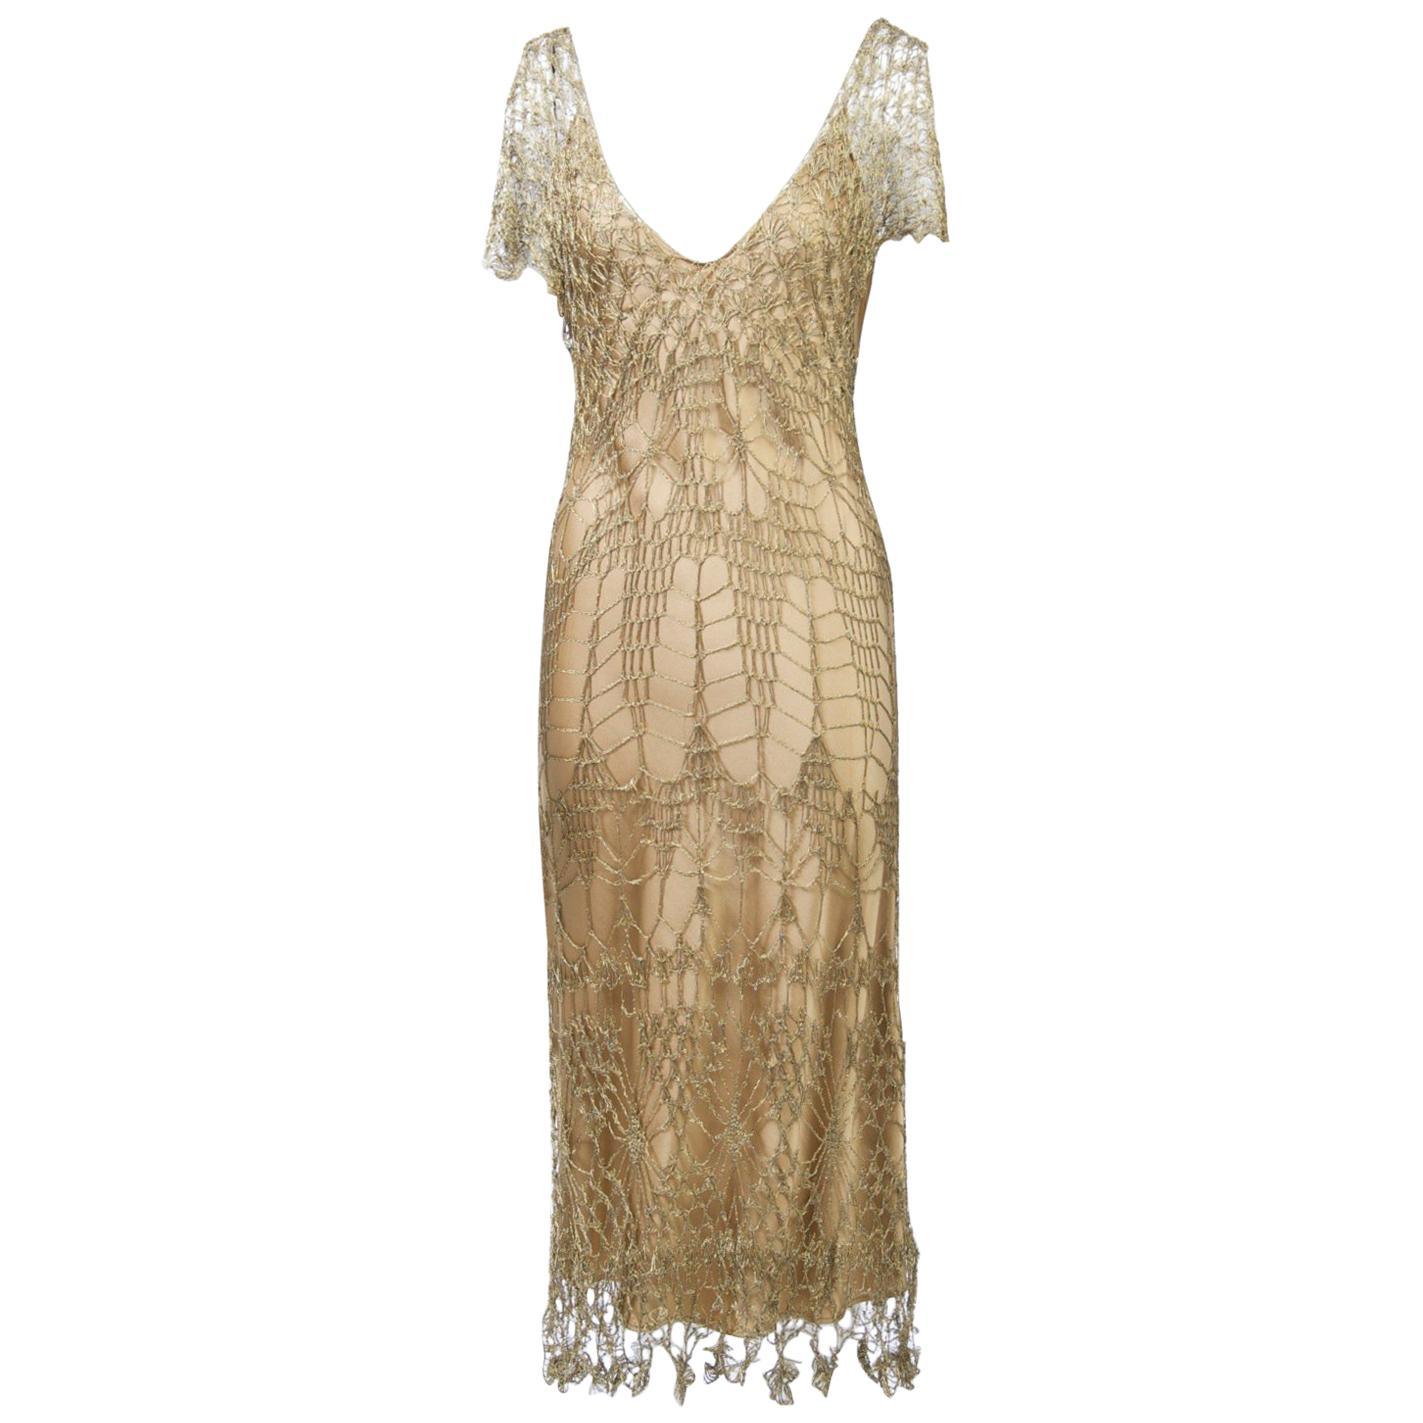 Donna Karan Metallic Gold Crochet Dress and Slip